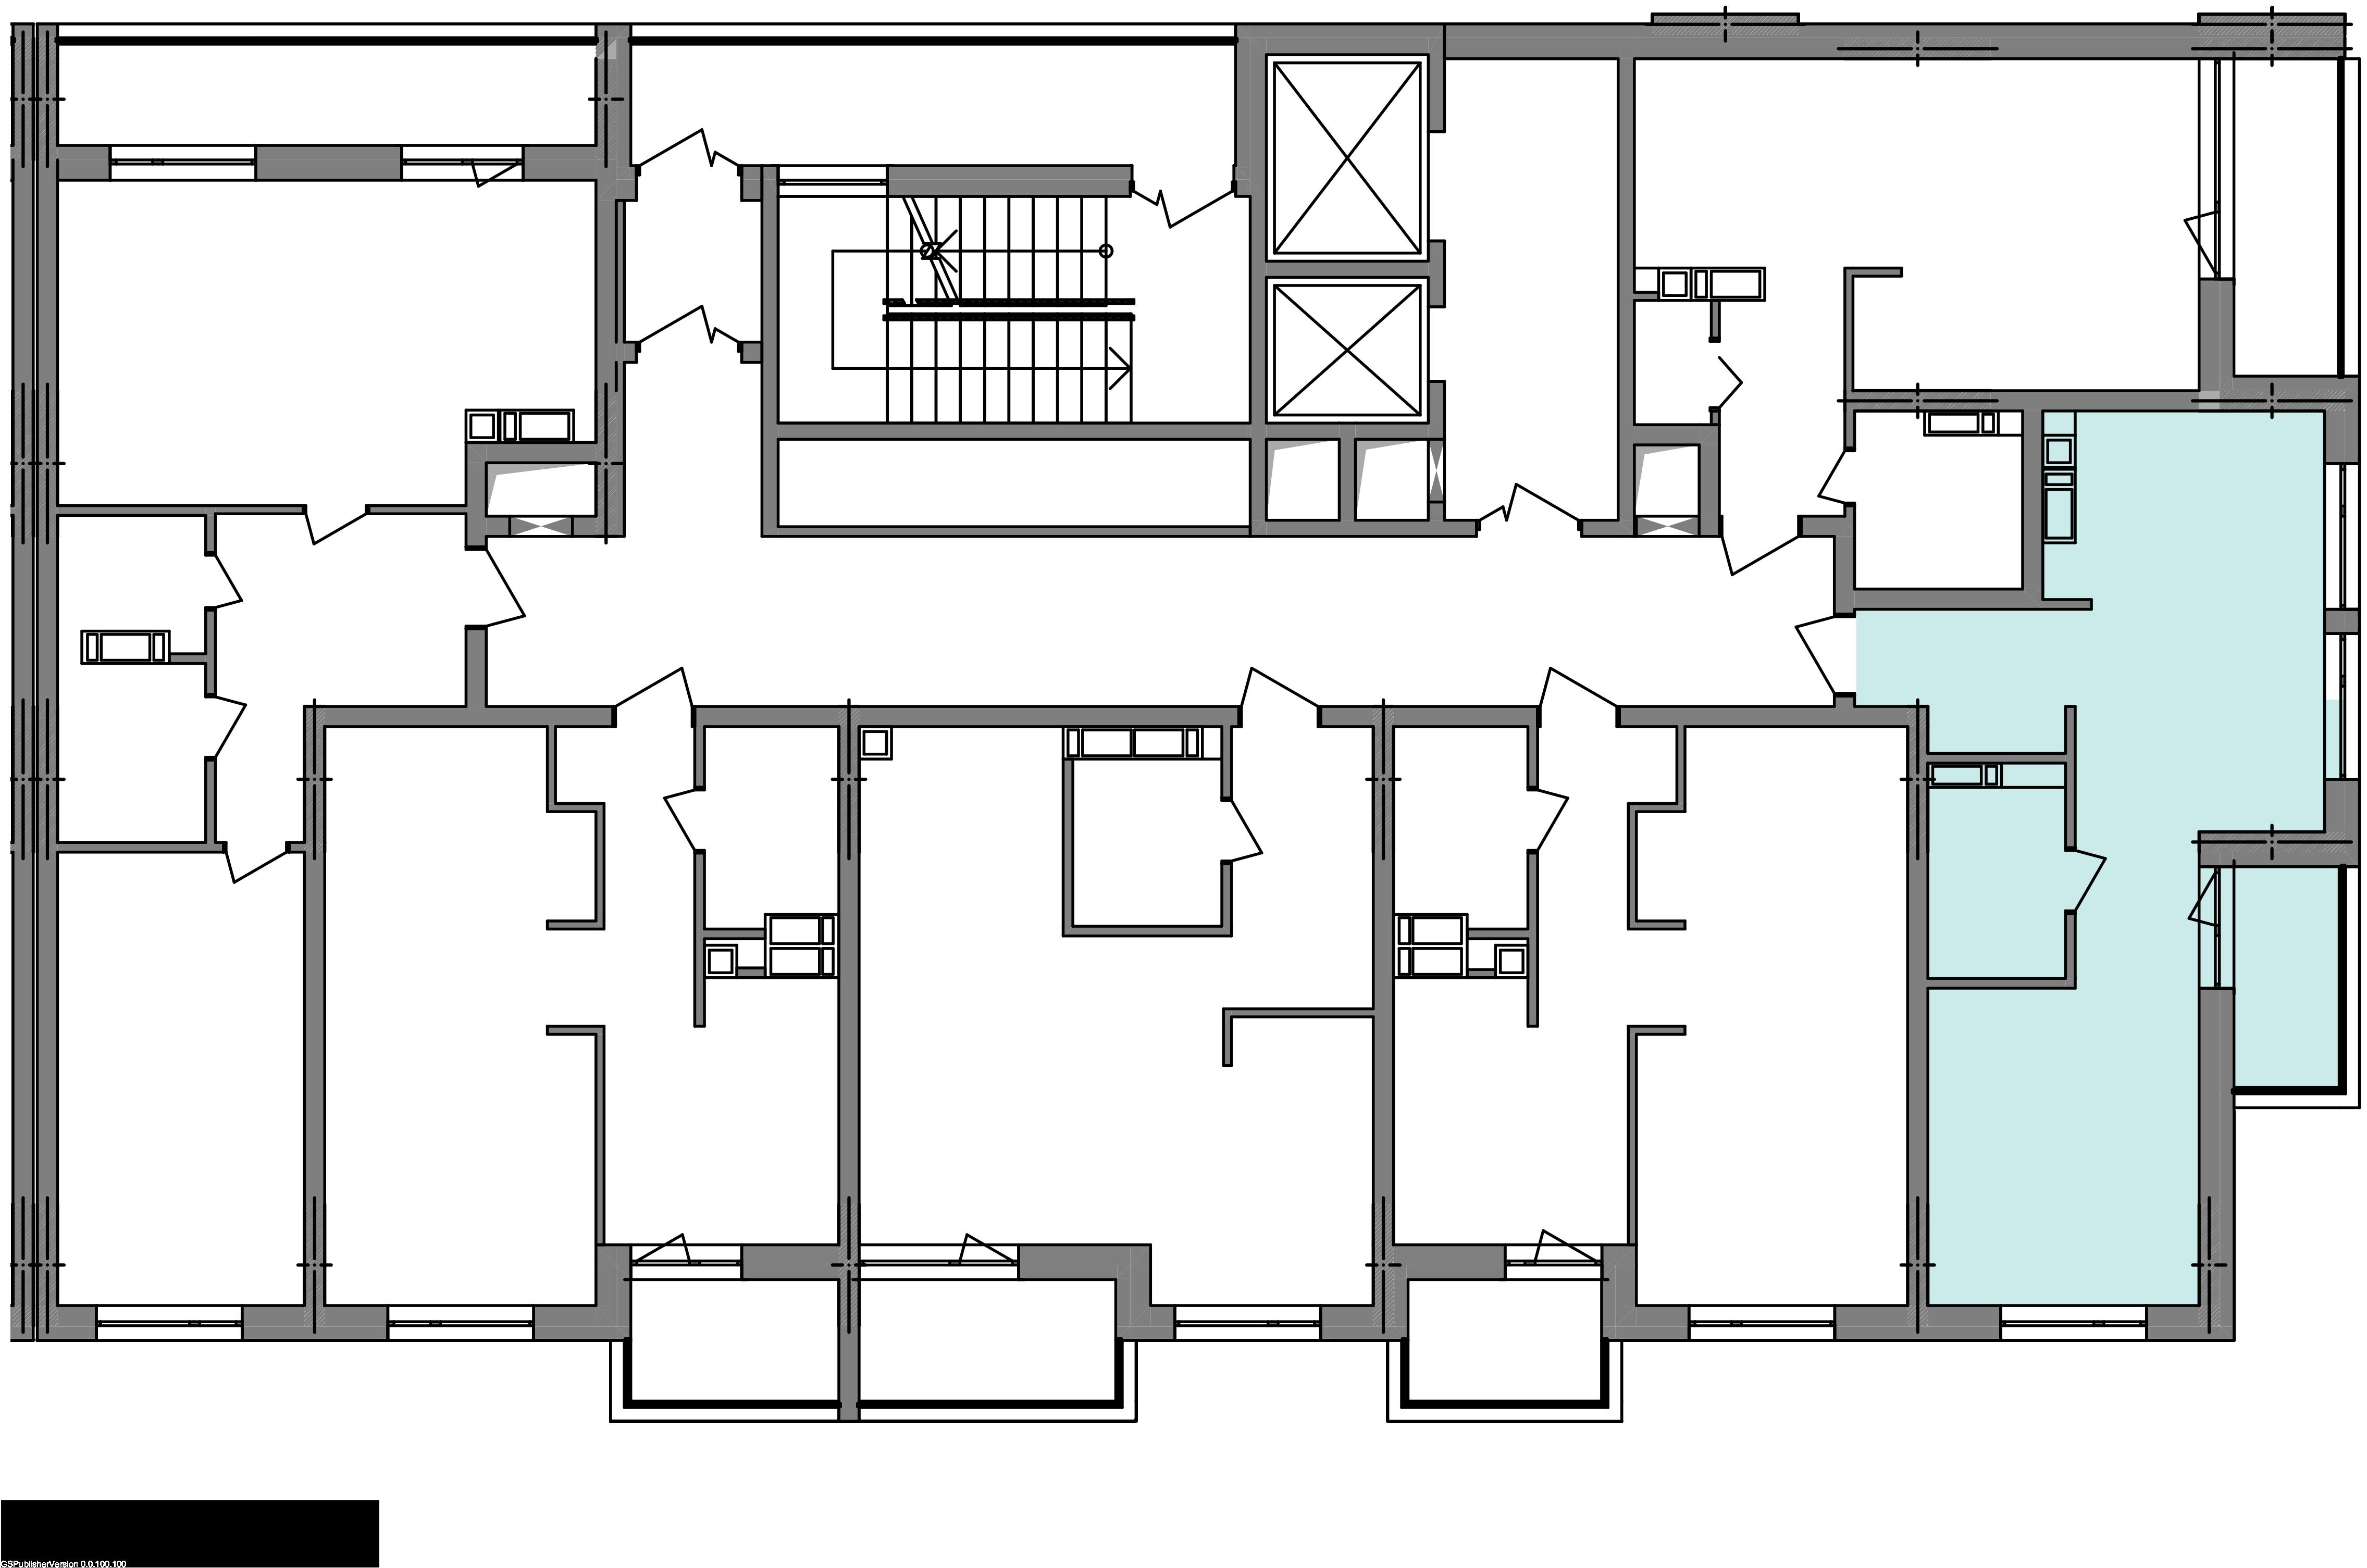 Однокімнатна квартира 40,29 кв.м., тип 1.7, будинок 3 секція 3 розташування на поверсі